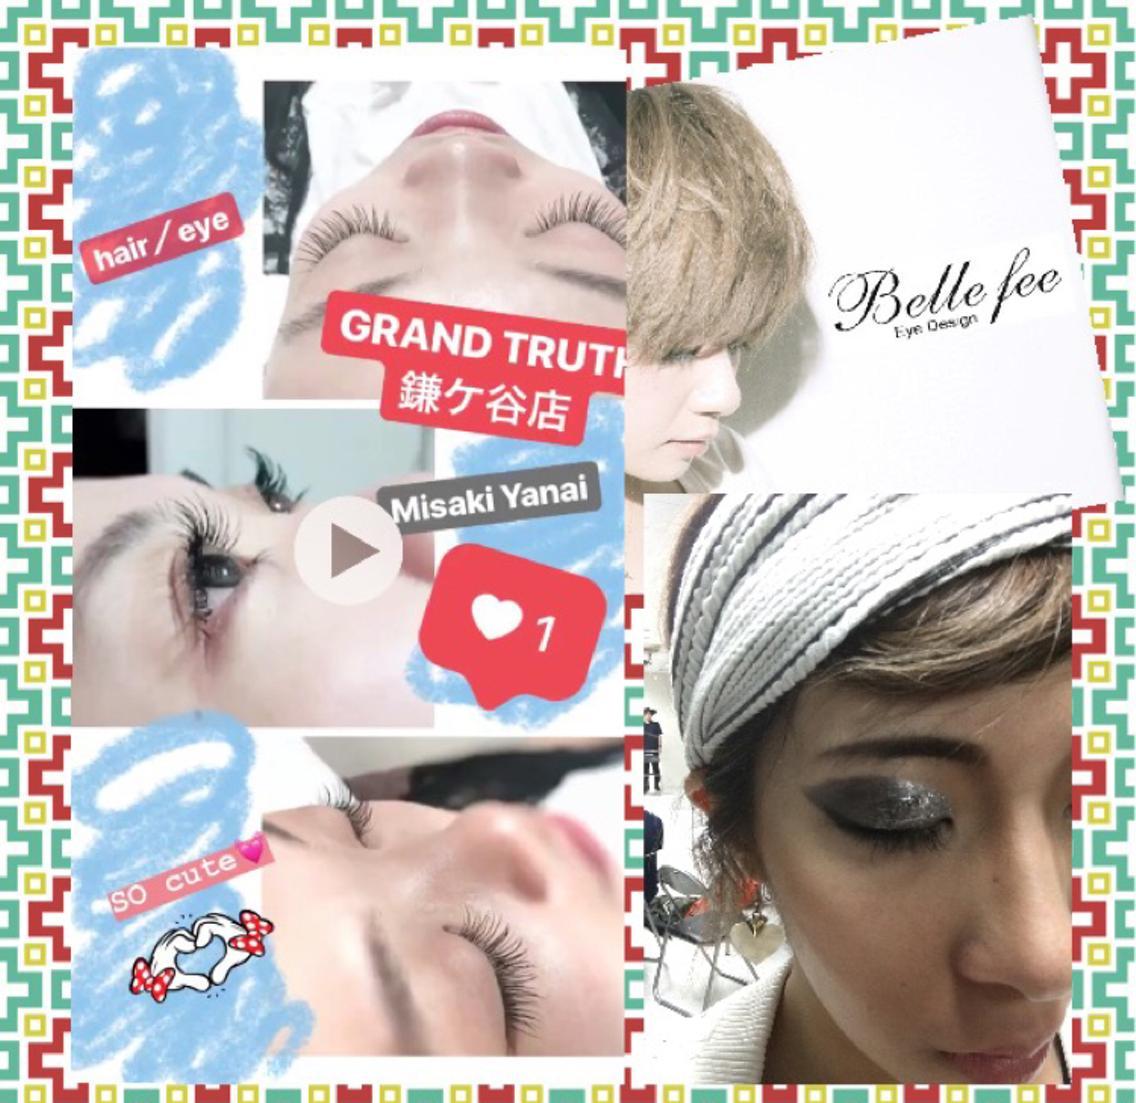 Belle fee  byGRAND TRUTH鎌ヶ谷店所属・箭内海咲の掲載